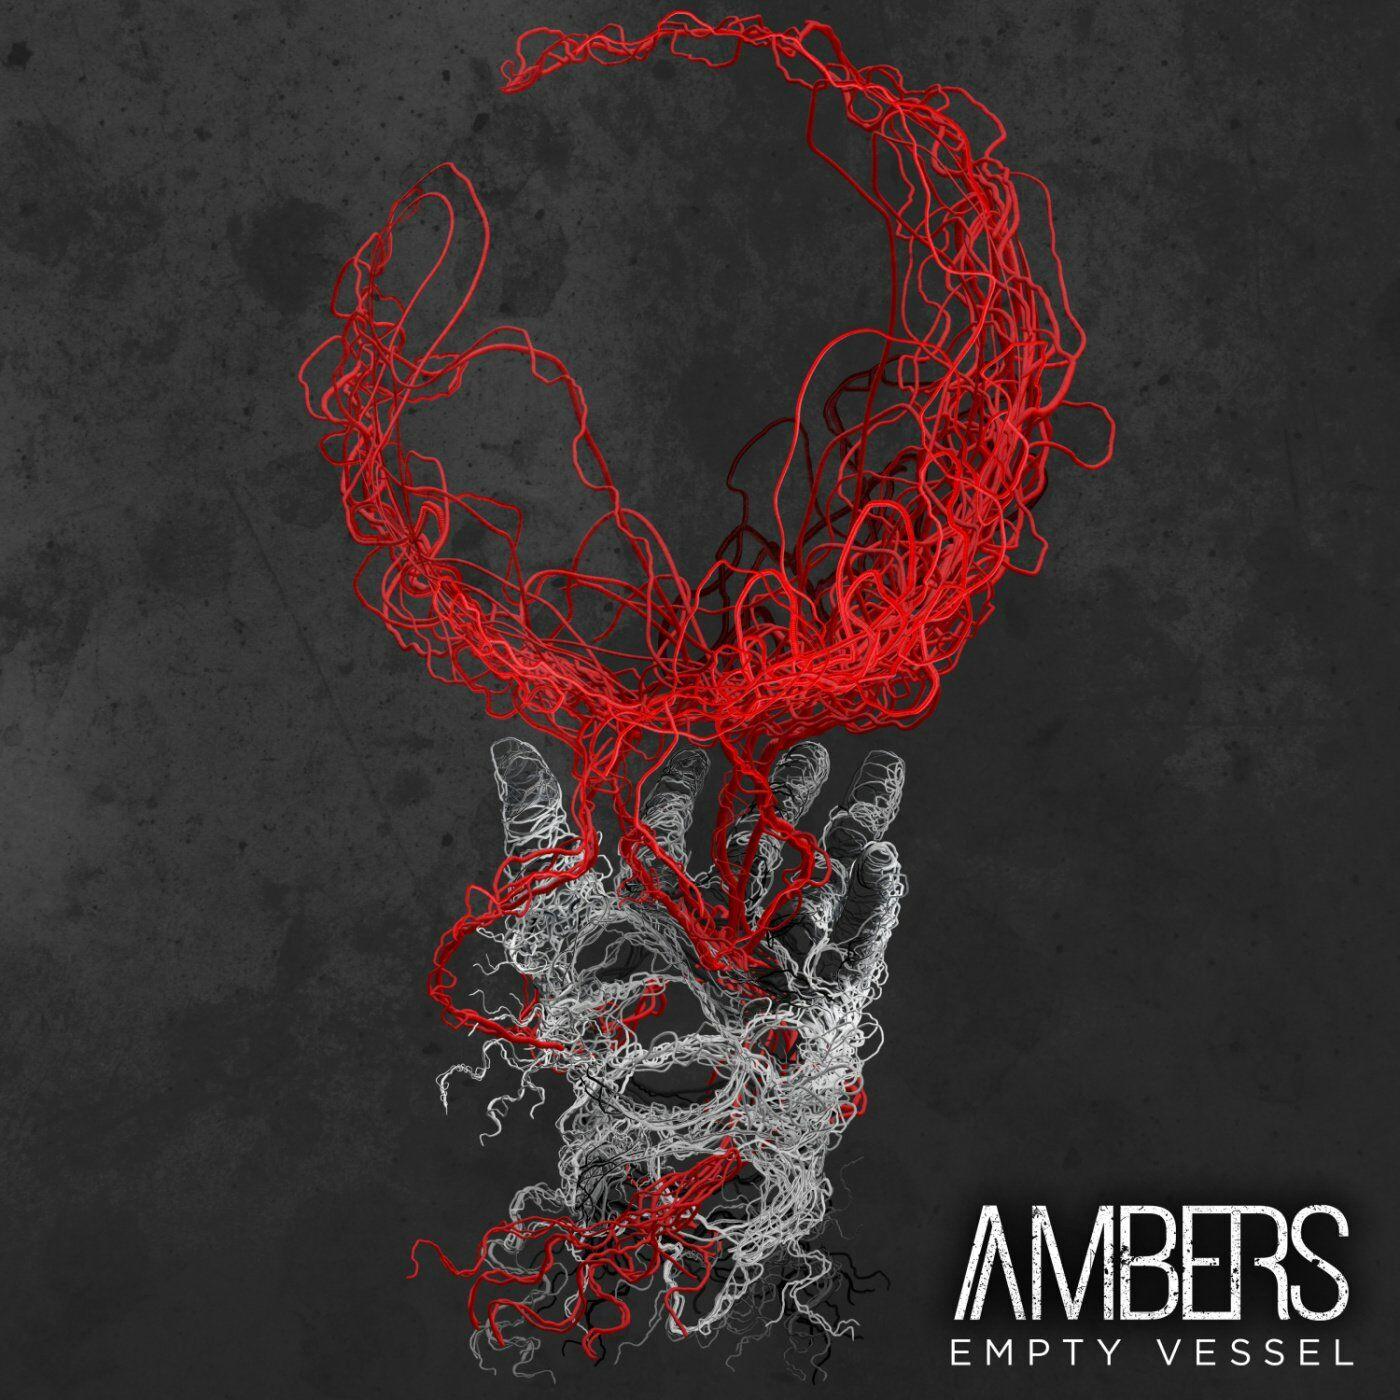 Ambers - Empty Vessel [single] (2020)